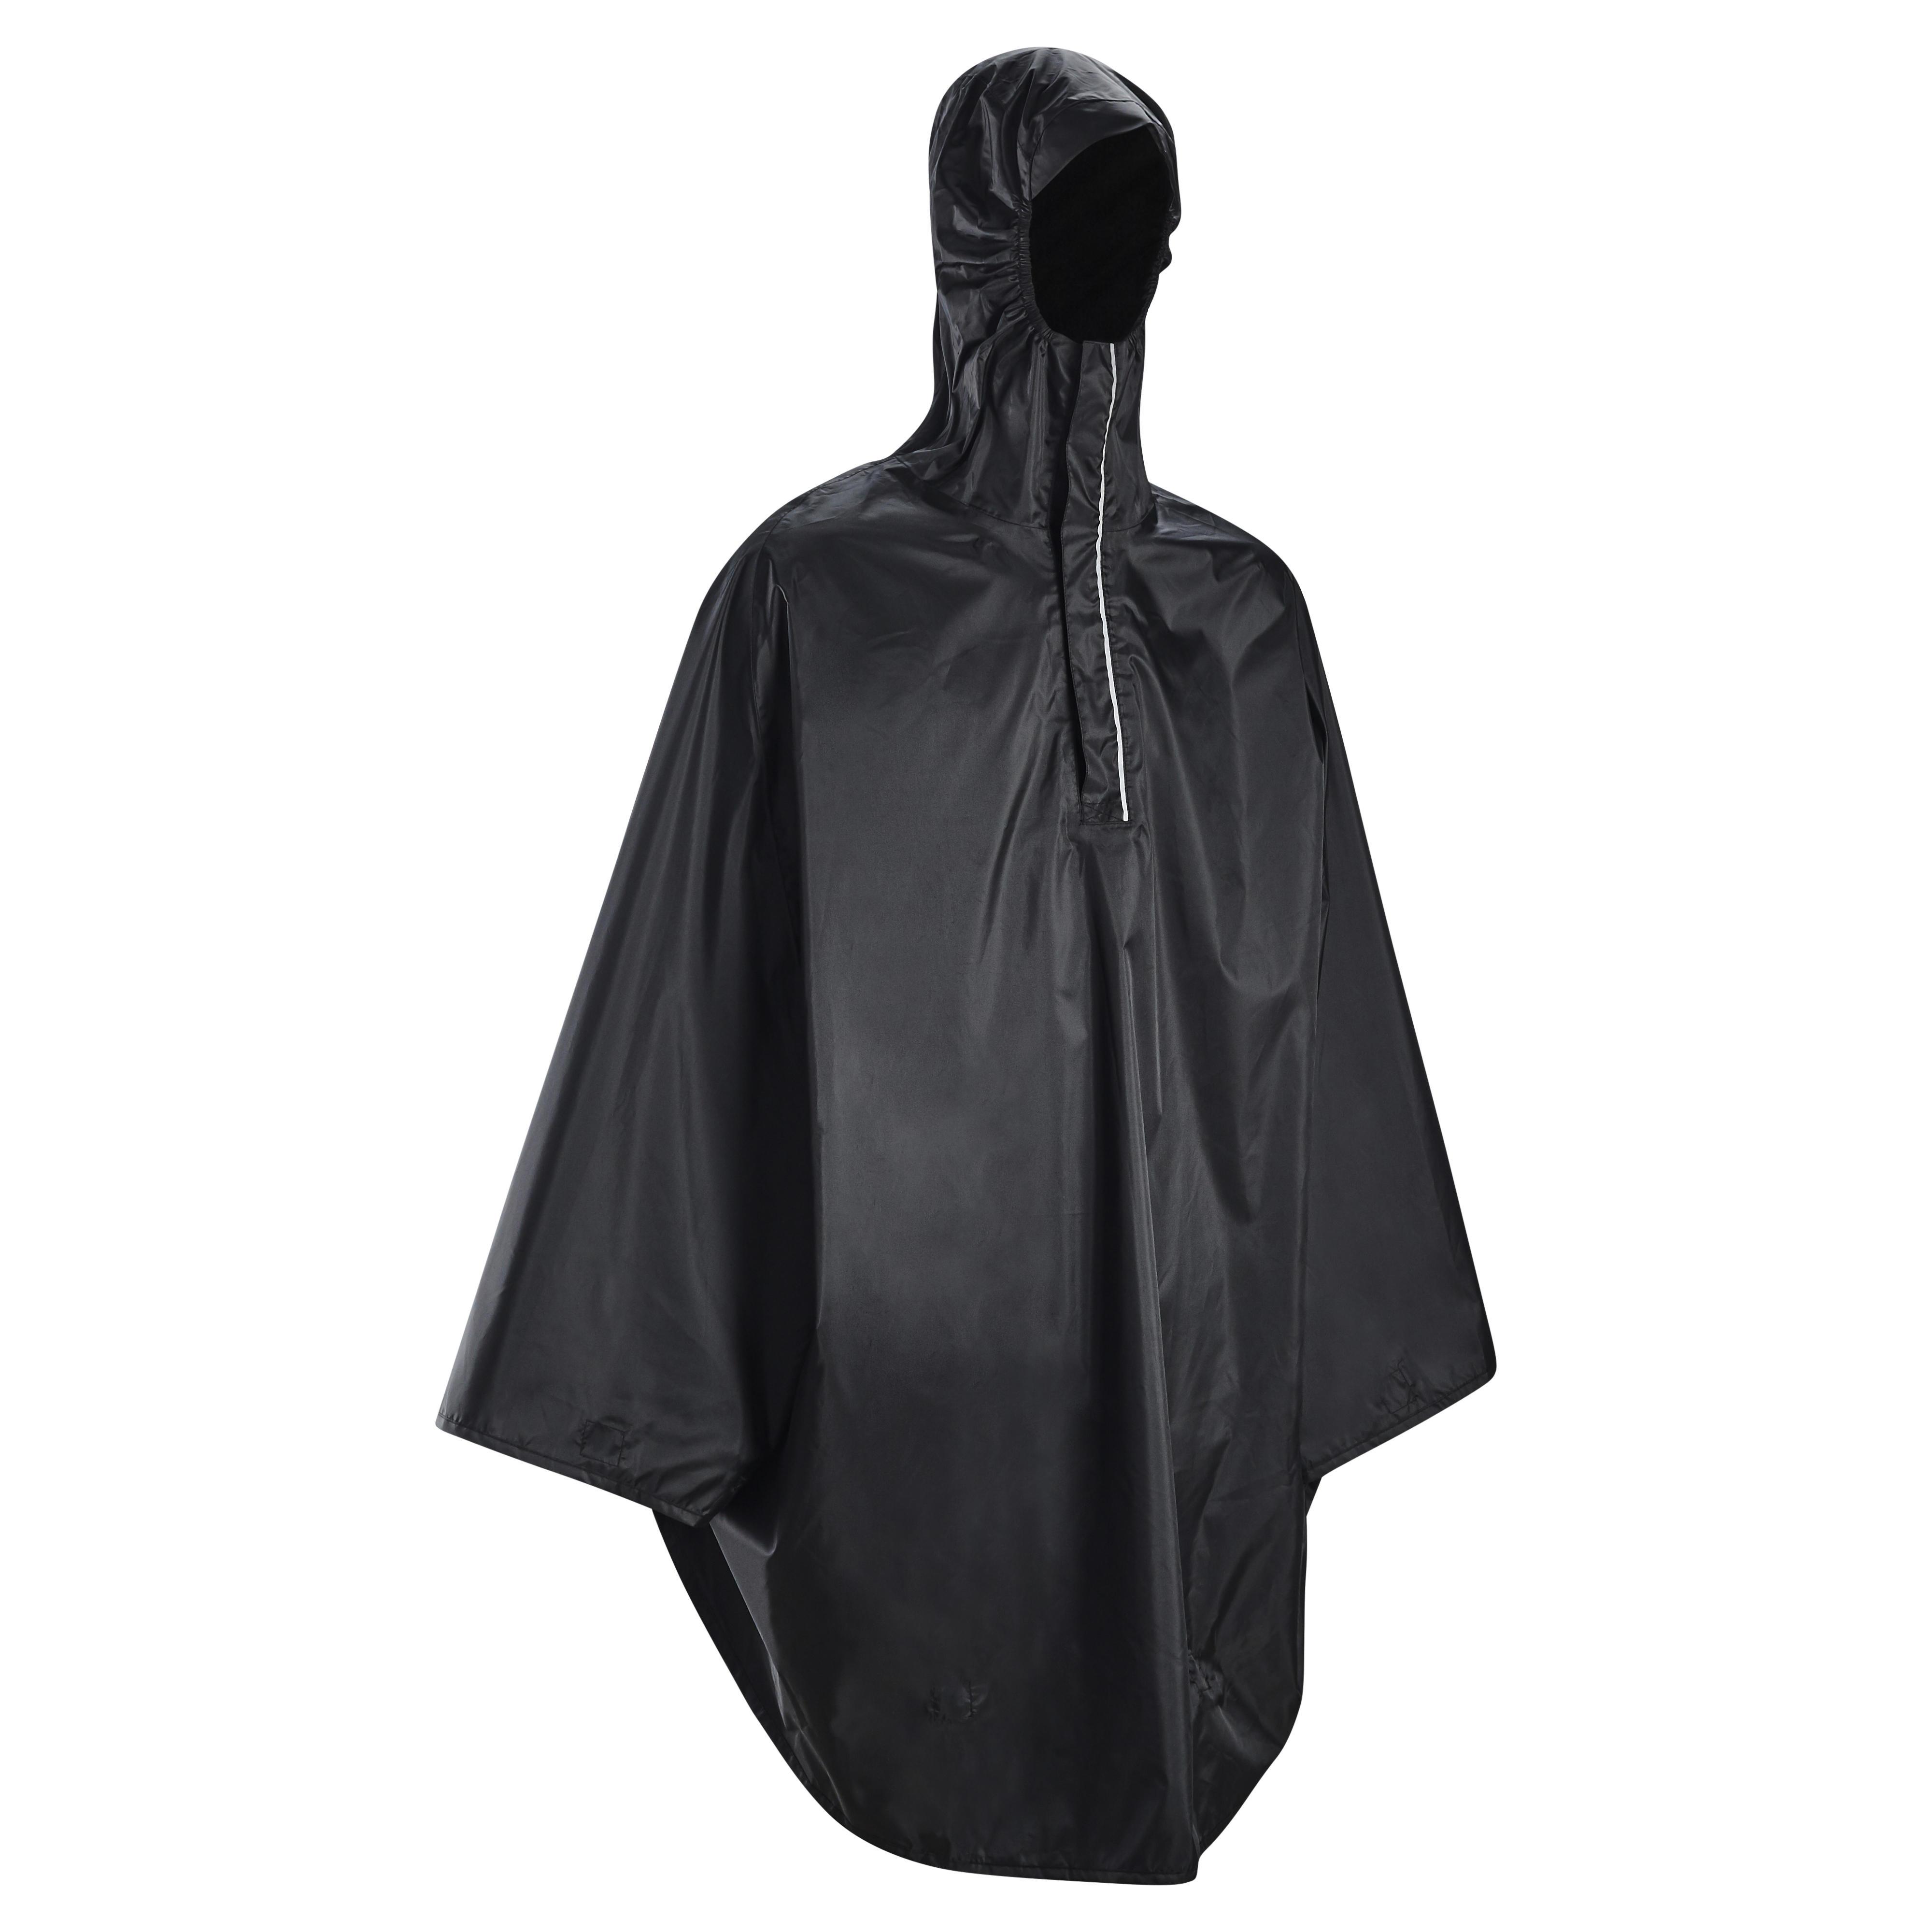 St.Oswalds Poncho Pluie Homme Impermeable Pancho Cape Adulte Velo Randonnee Chasse 3 en 1 Parapluie Tente avec Sac Noir